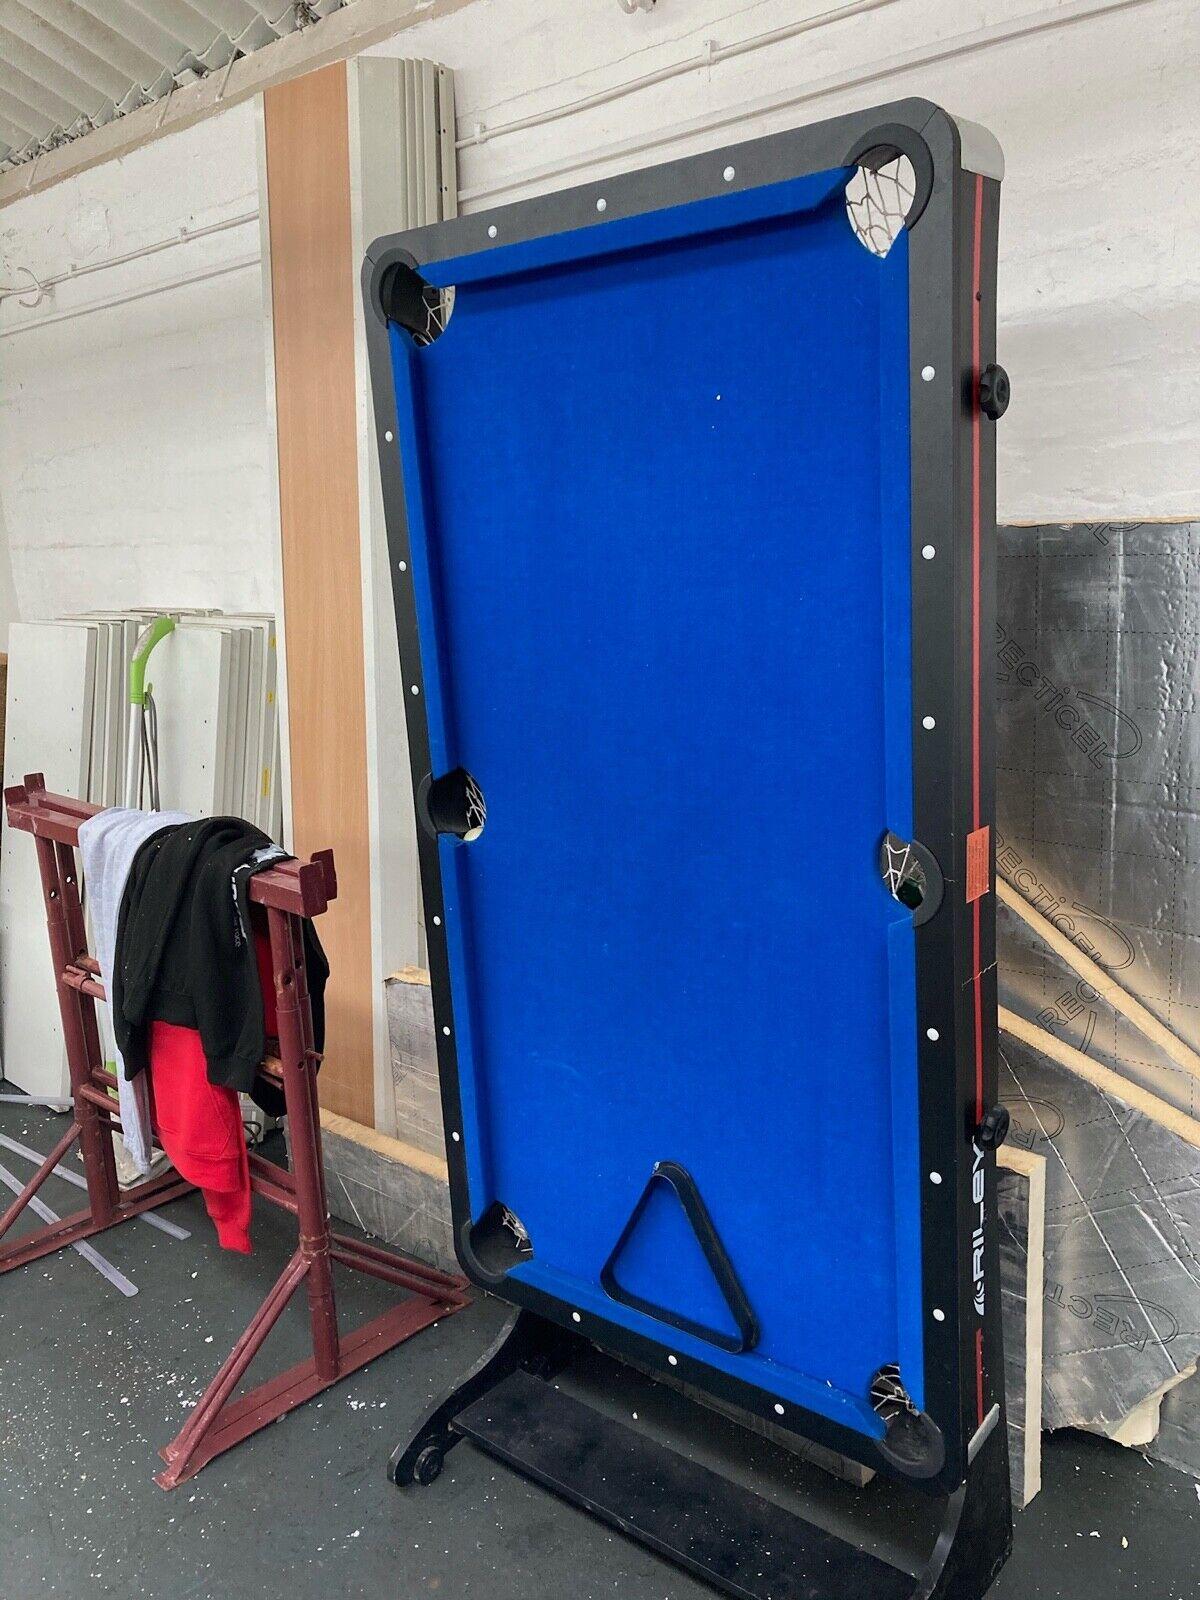 Pool Table VIAVITO 5ft Folding Blue Baize Pt100x Stylish Pool Table - Kids